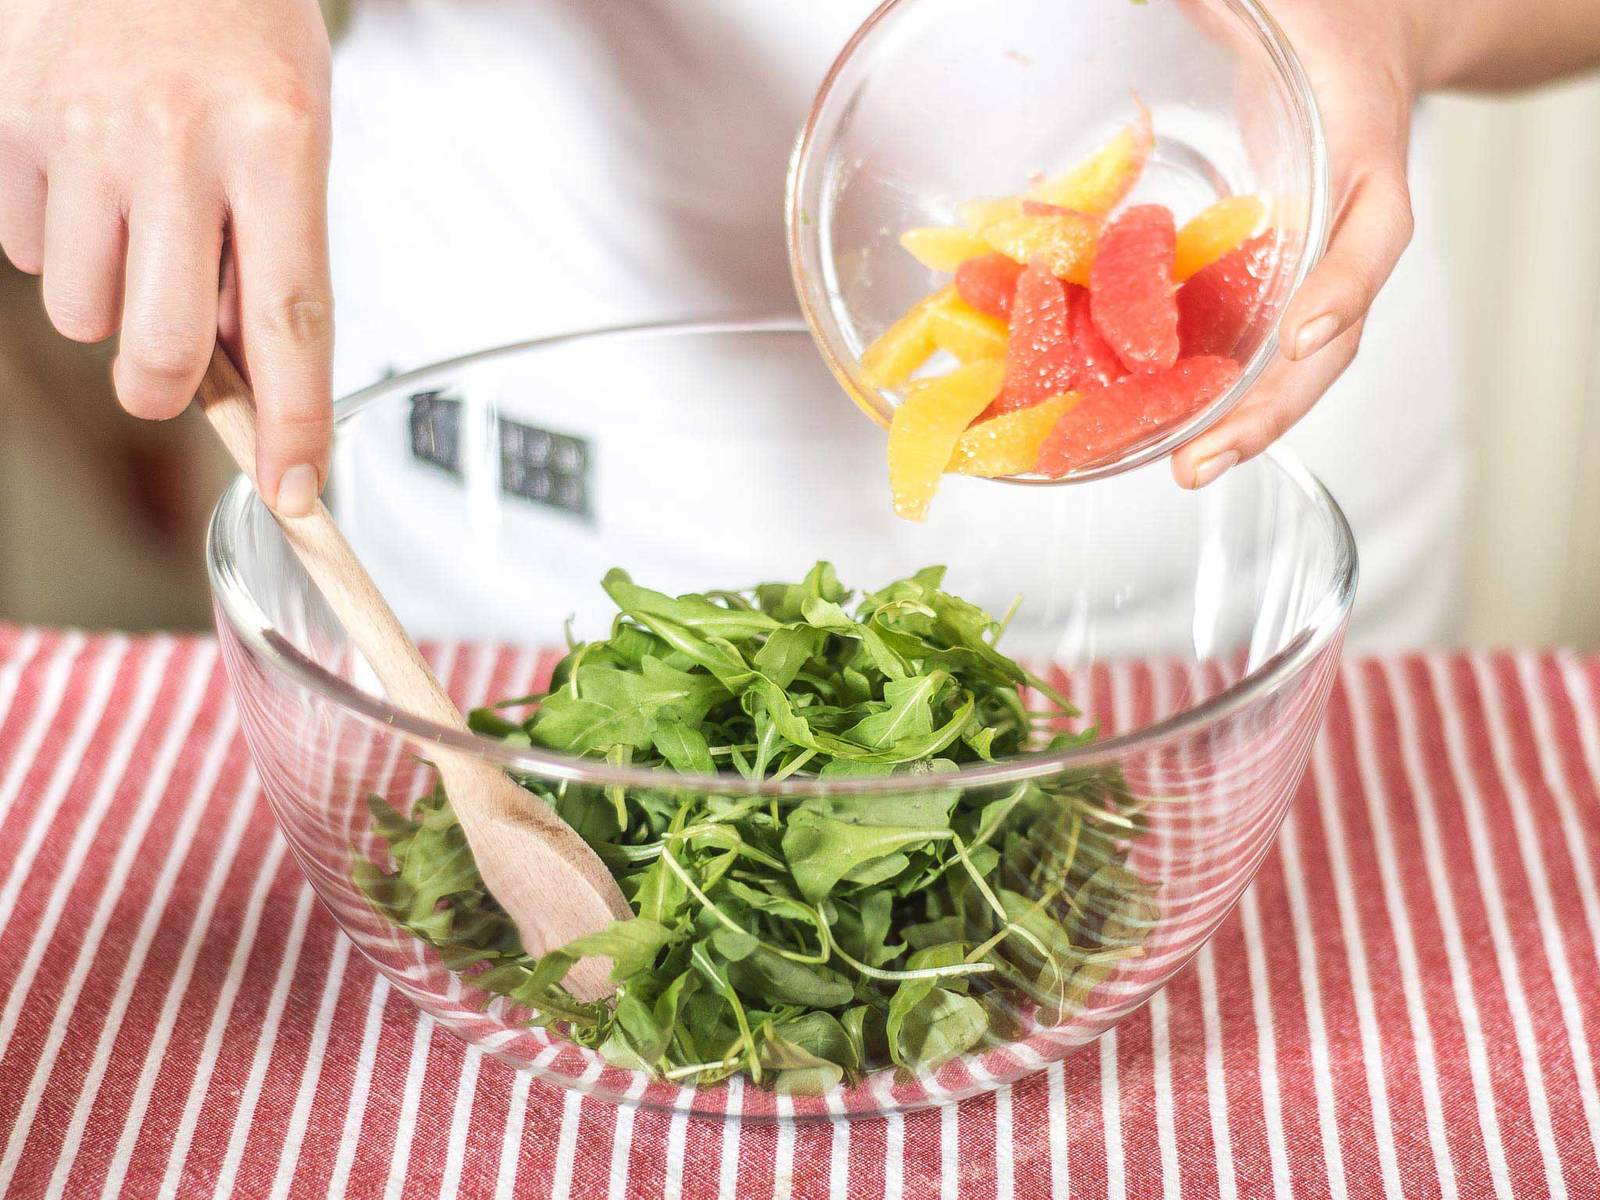 Zitrusfilets vorsichtig unter den Rucola heben und mit dem Dressing vermengen. Zum Anrichten den Salat auf einen Teller geben, Avocadostreifen obenauf legen, salzen und pfeffern. Mit einigen Klecksen des Nusspestos reichen.